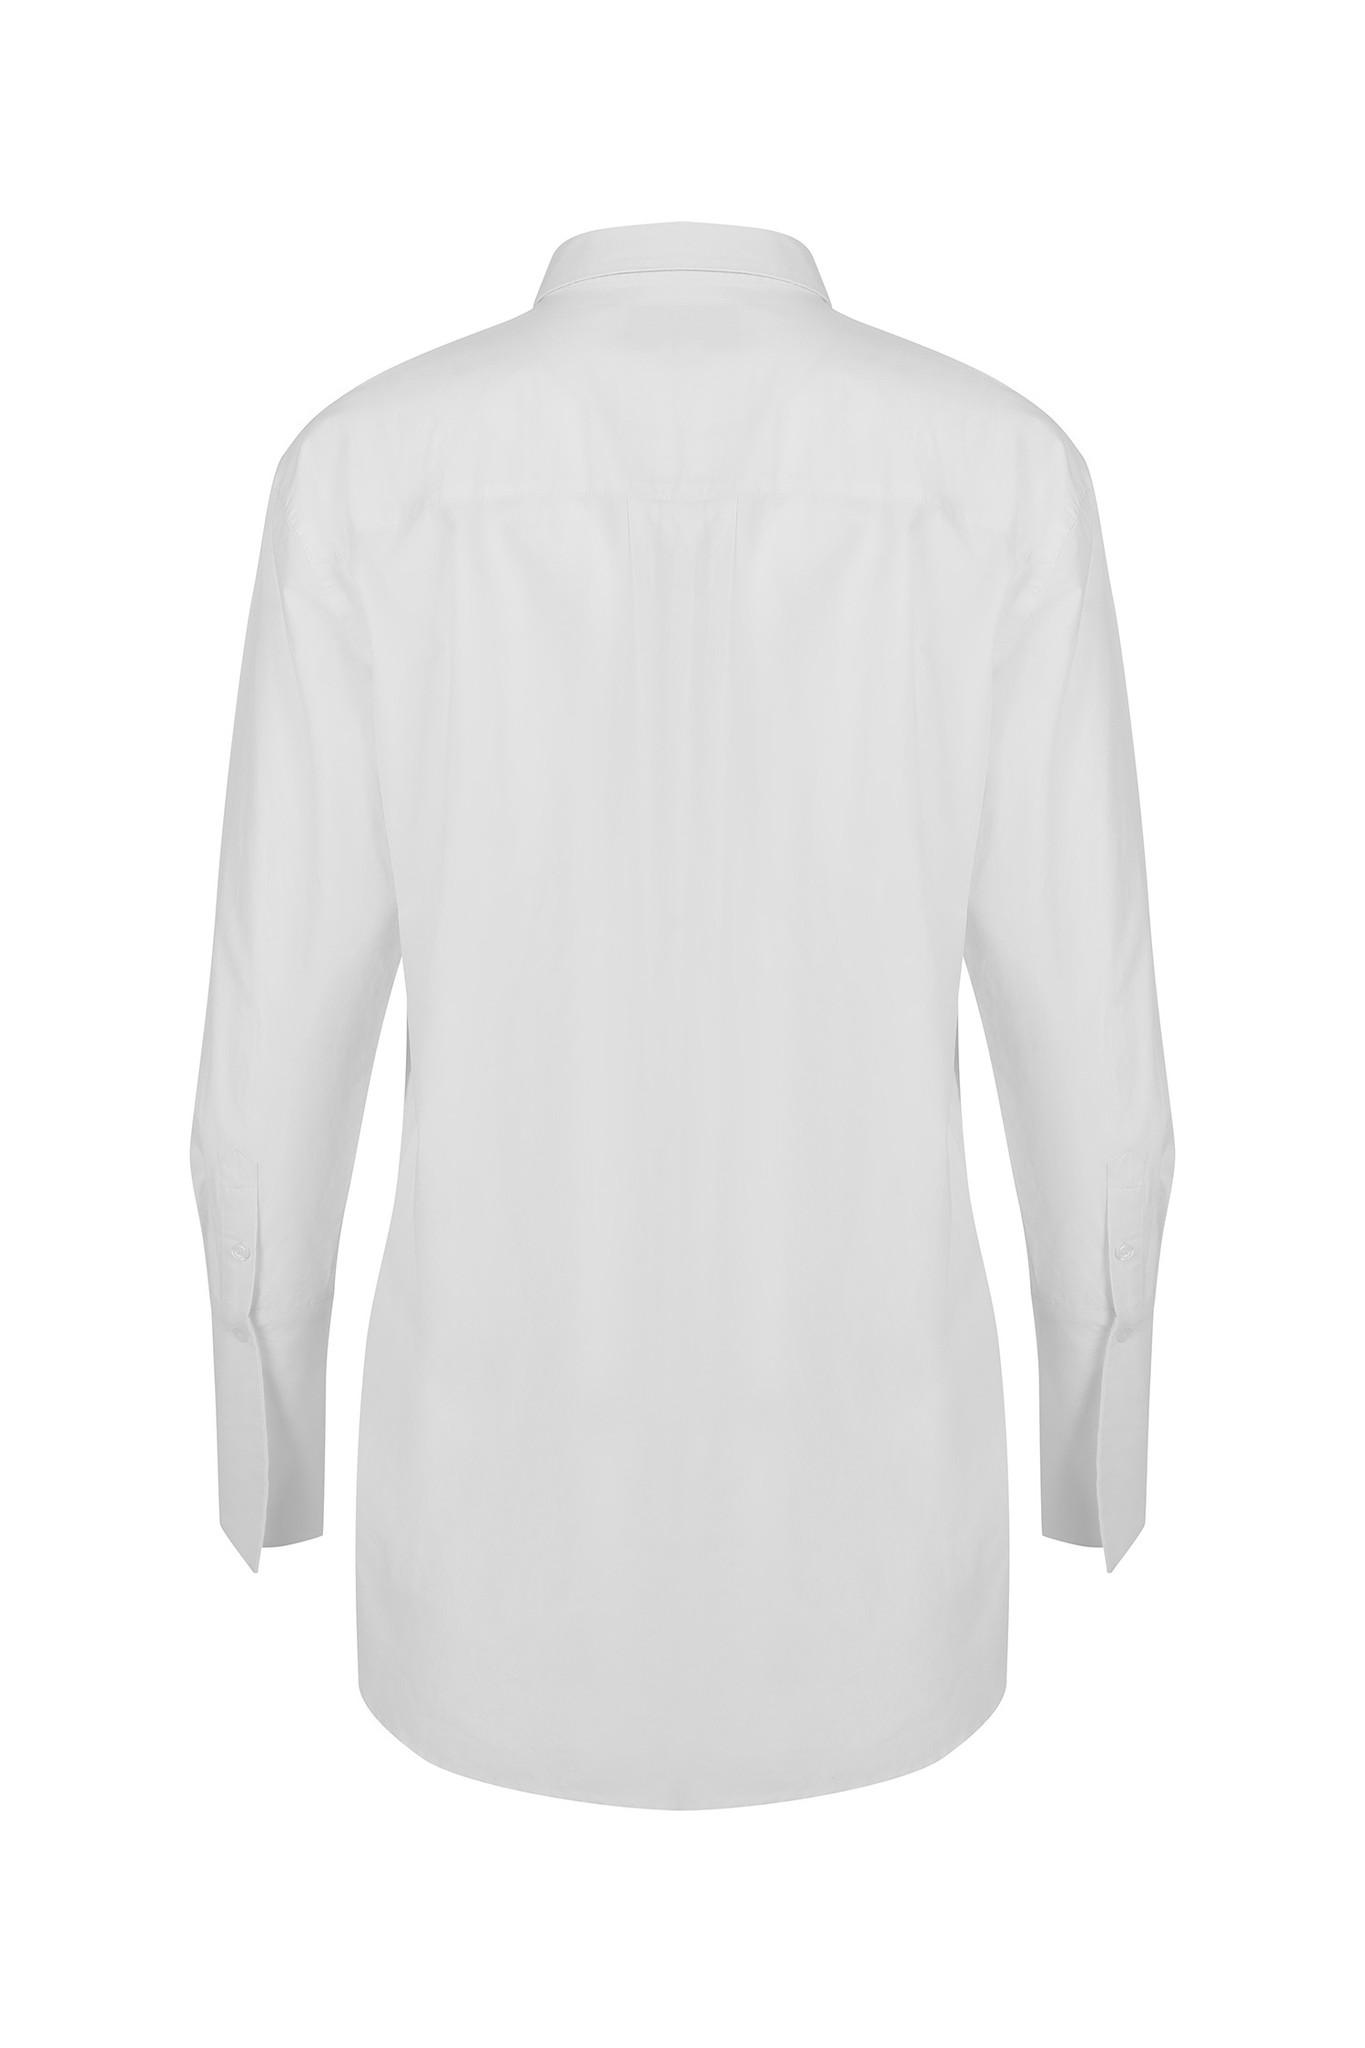 Nice Shirt - White XS-2